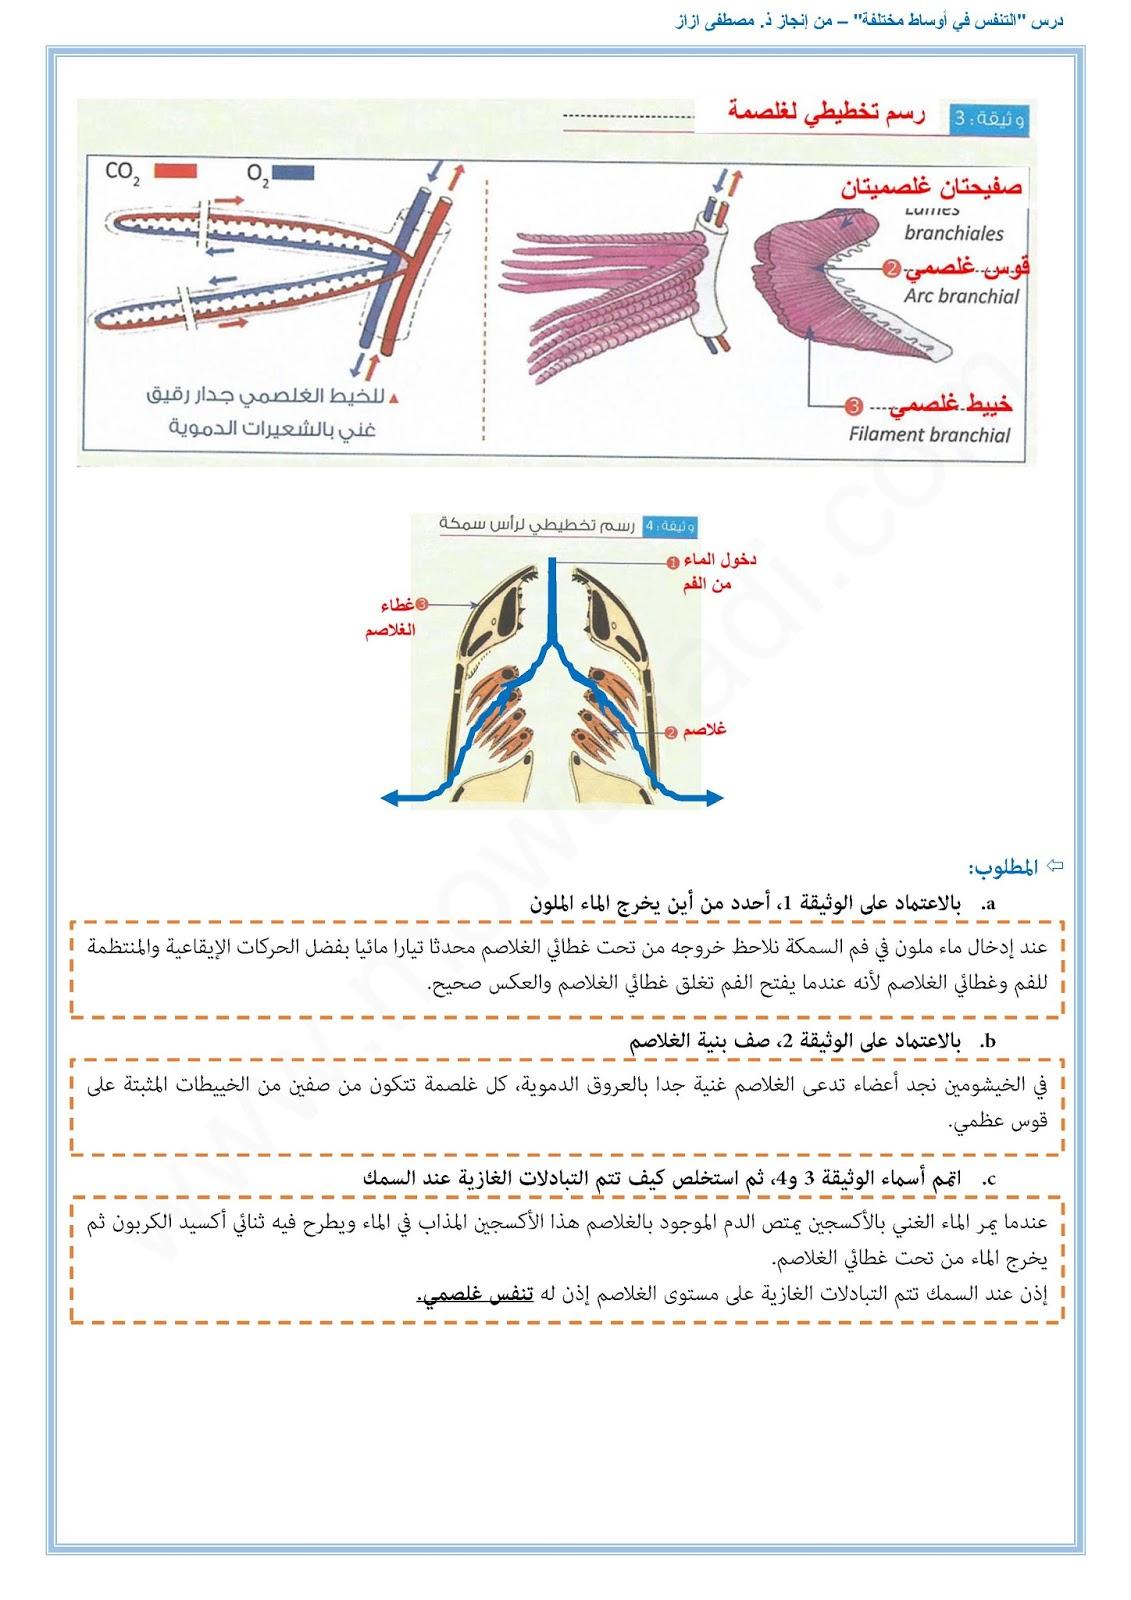 التنفس في أوساط مختلفة7